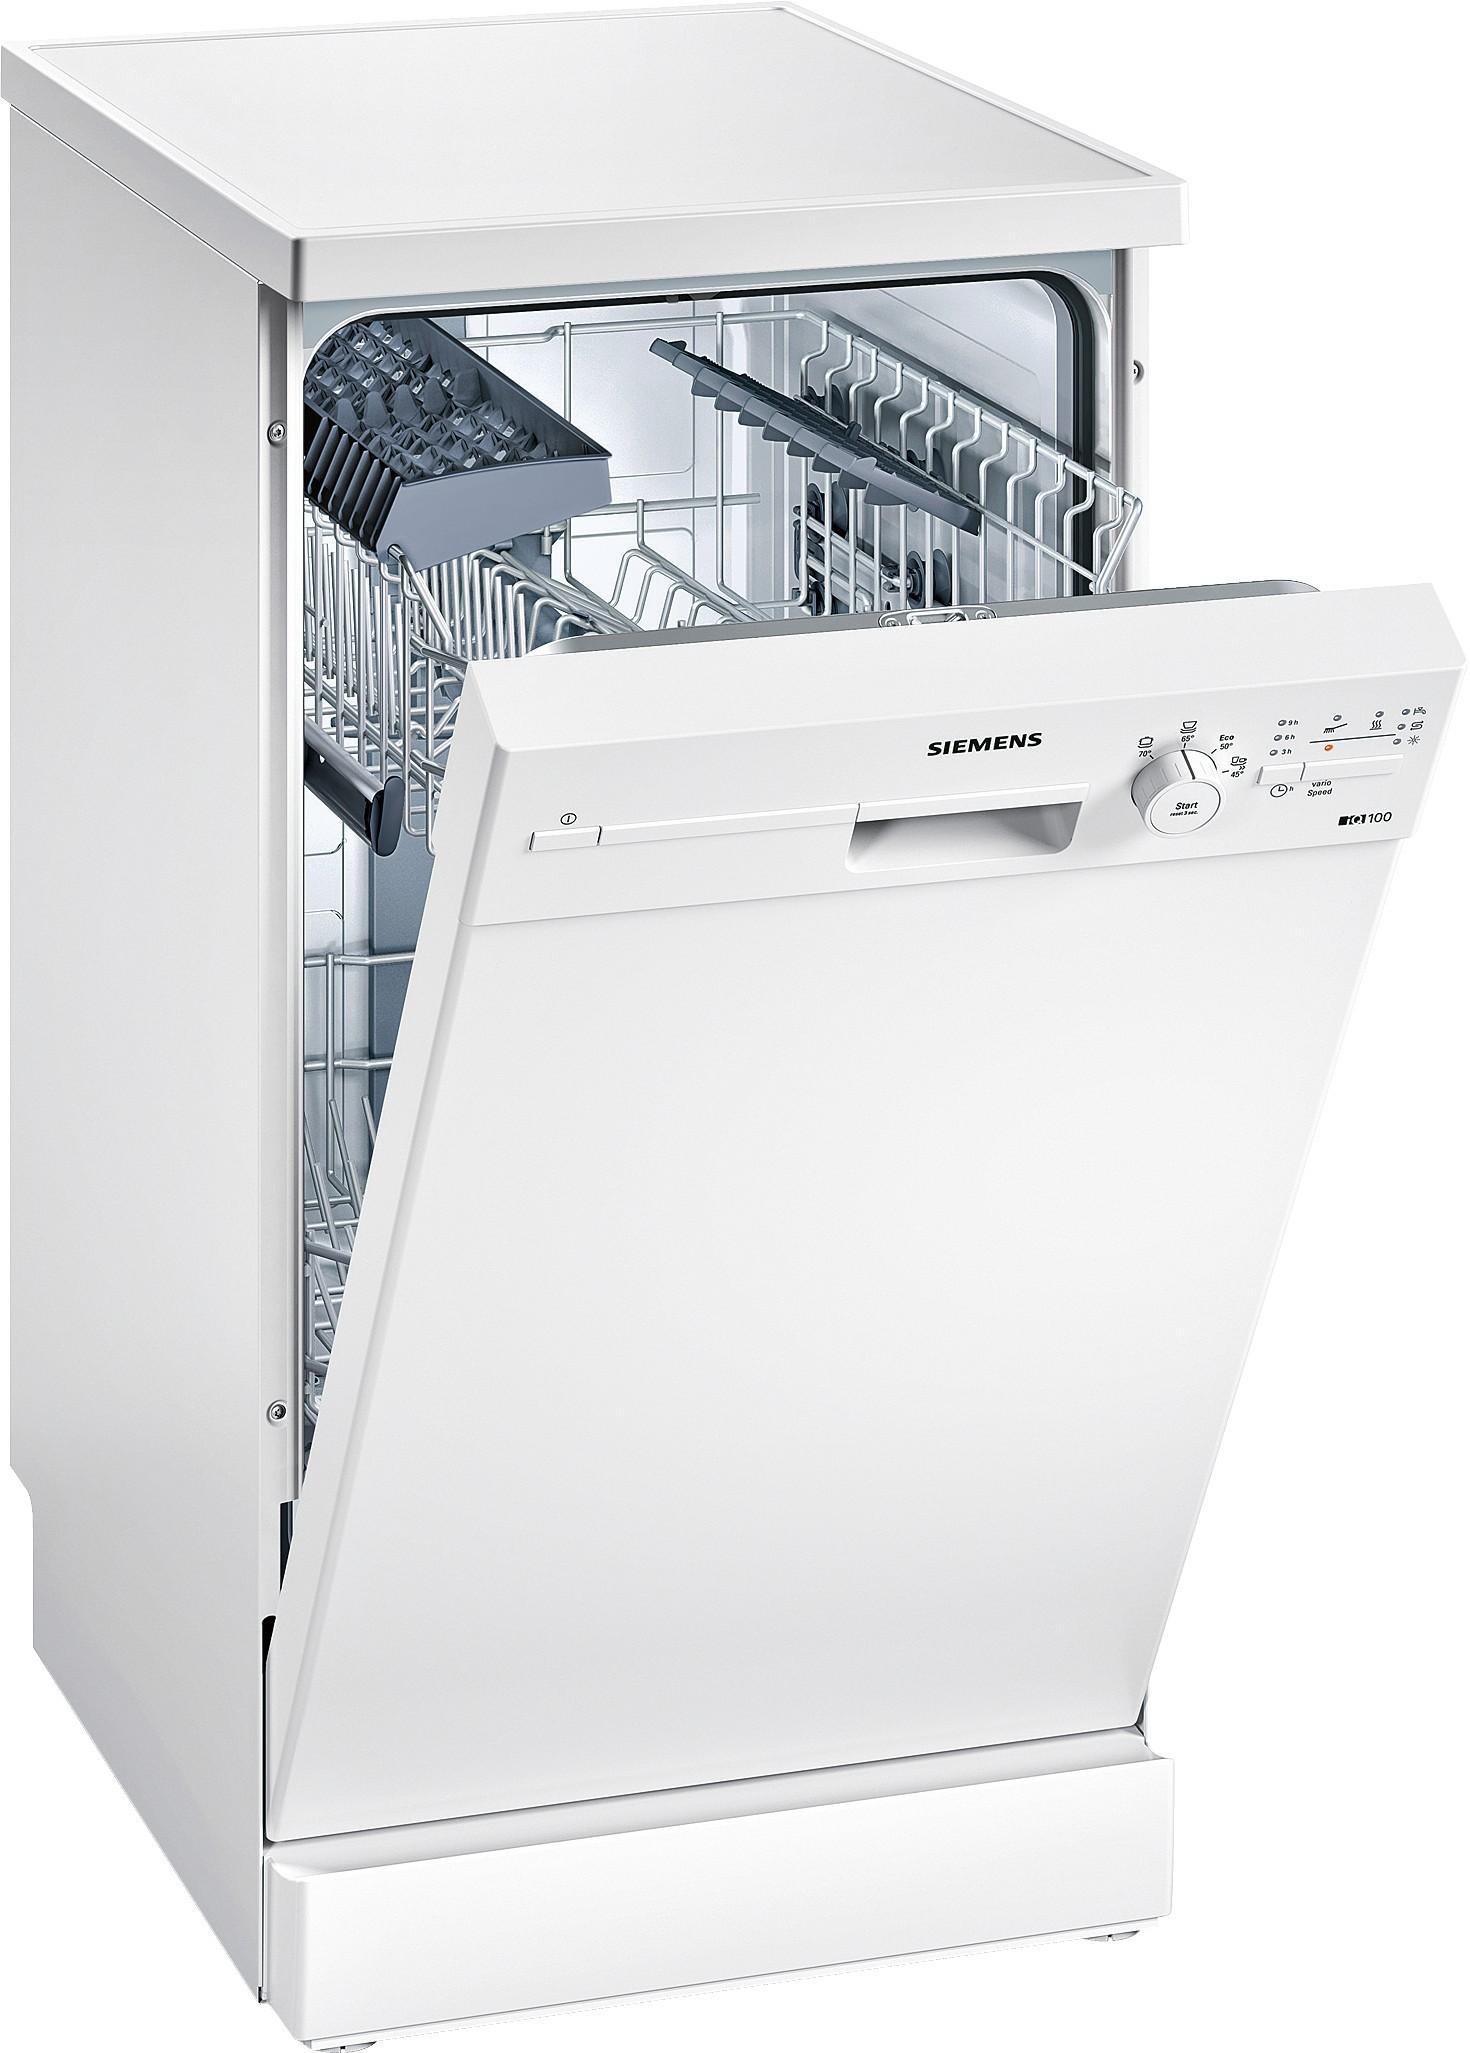 machine laver 45 cm cheap pro d duffle bag tealgrey with machine laver 45 cm machine laver 45. Black Bedroom Furniture Sets. Home Design Ideas